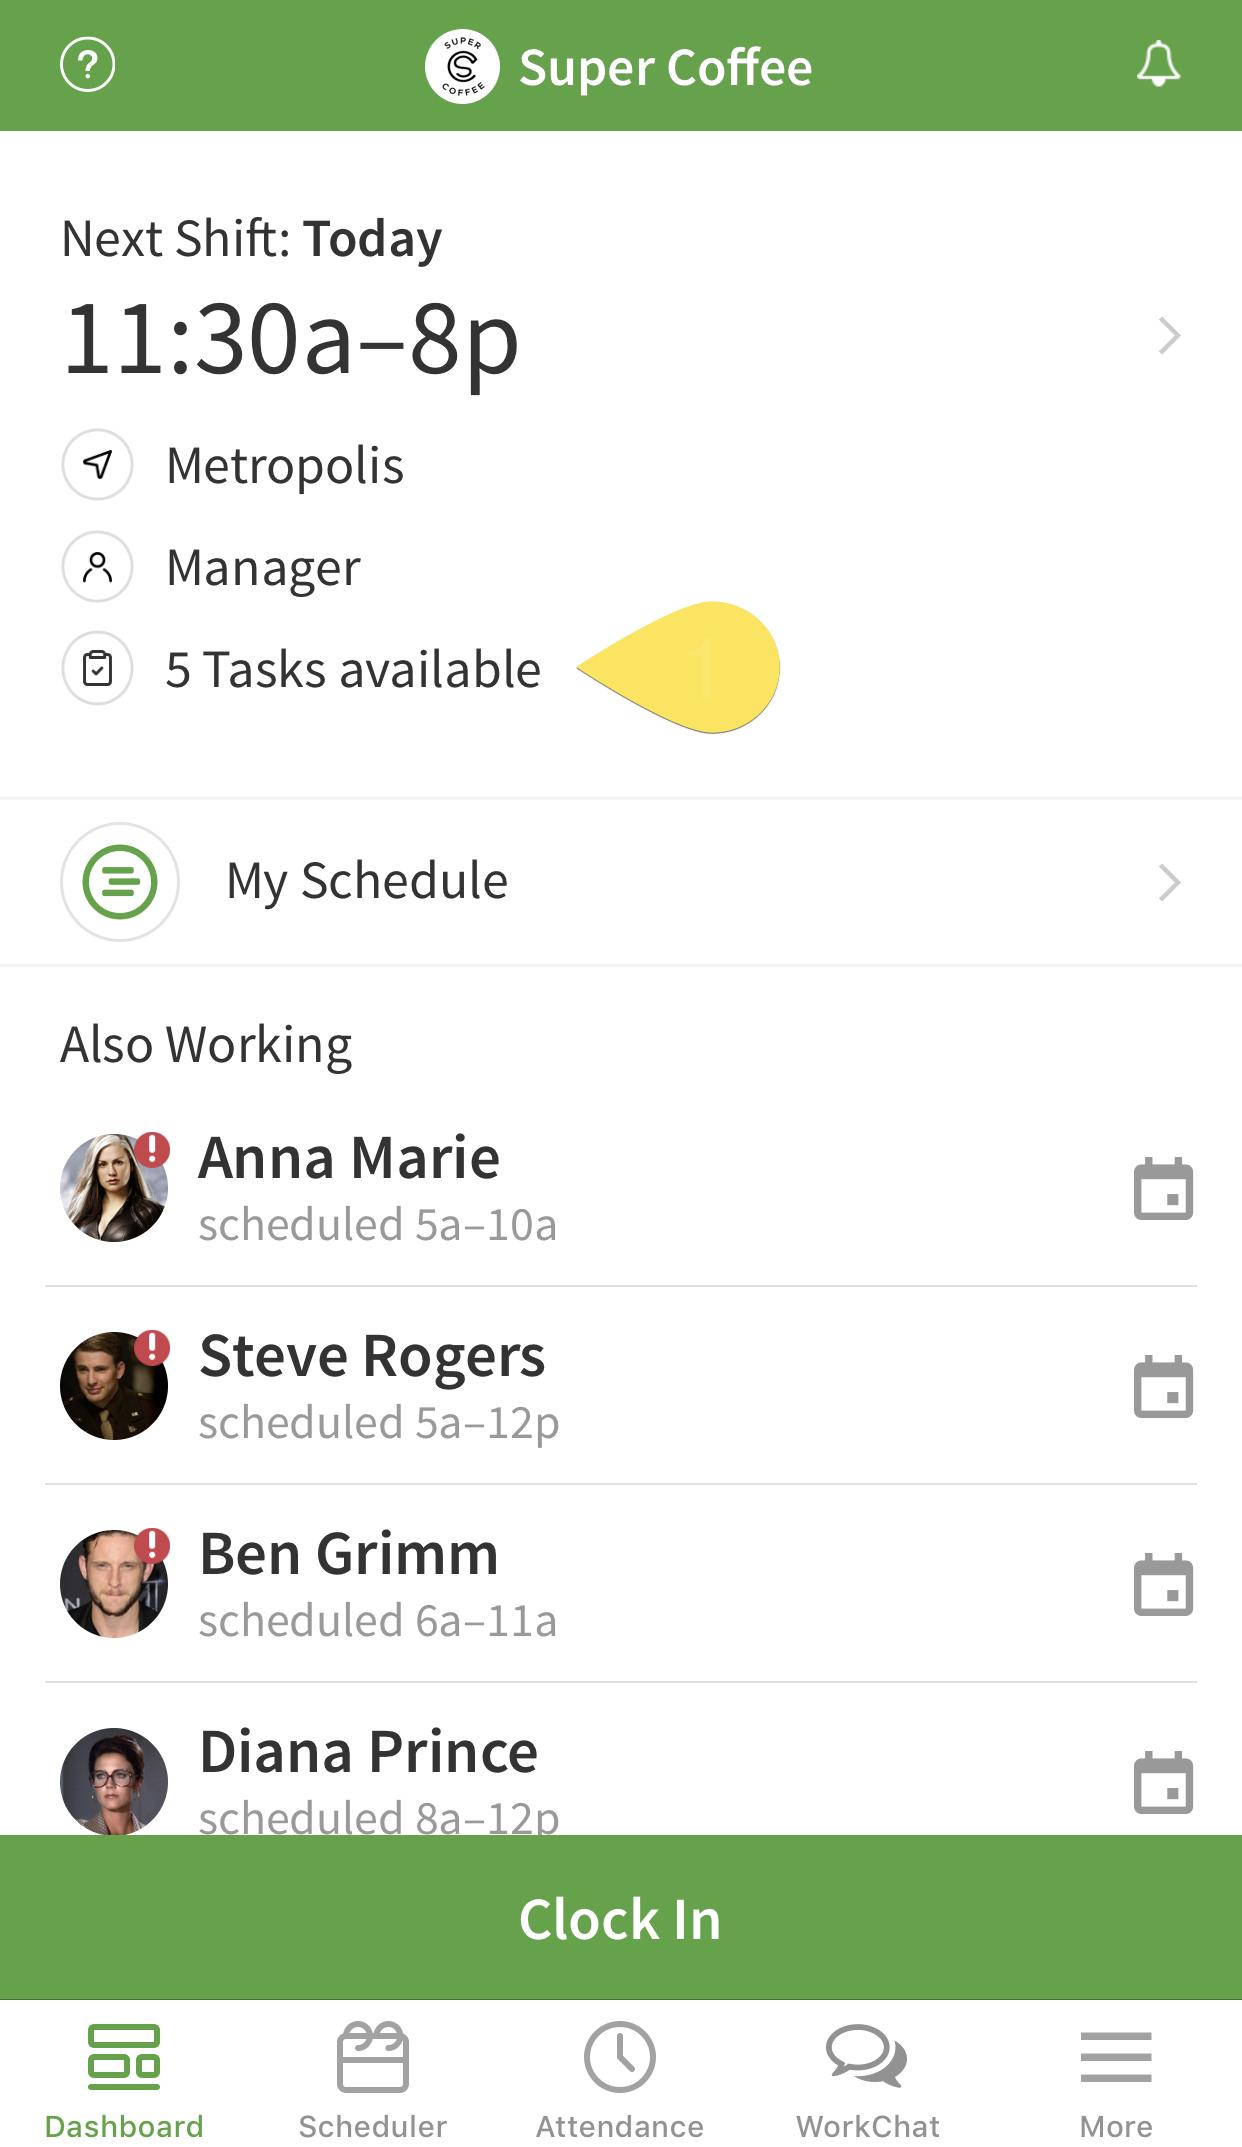 Tasks available